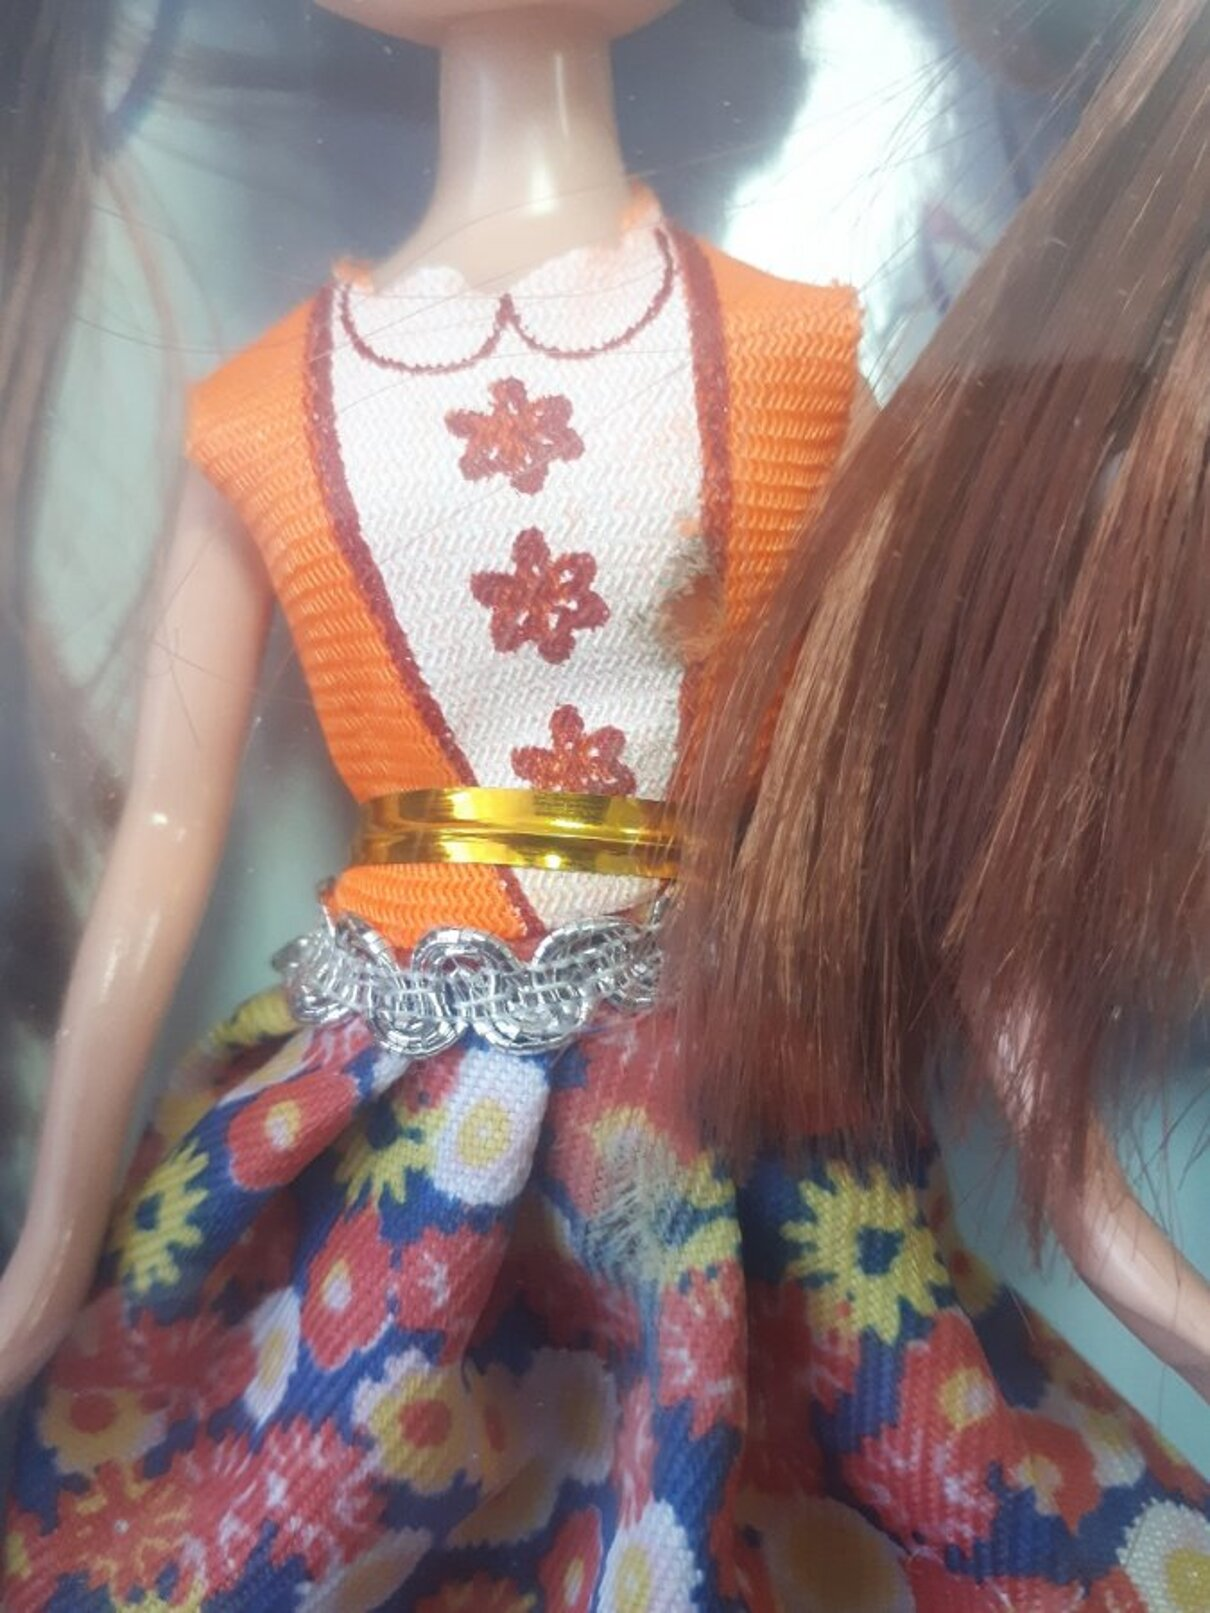 Жалоба-отзыв: Коллекционные куклы Blythe - Ожидание и реальность. Мошенничество чистой воды!.  Фото №4